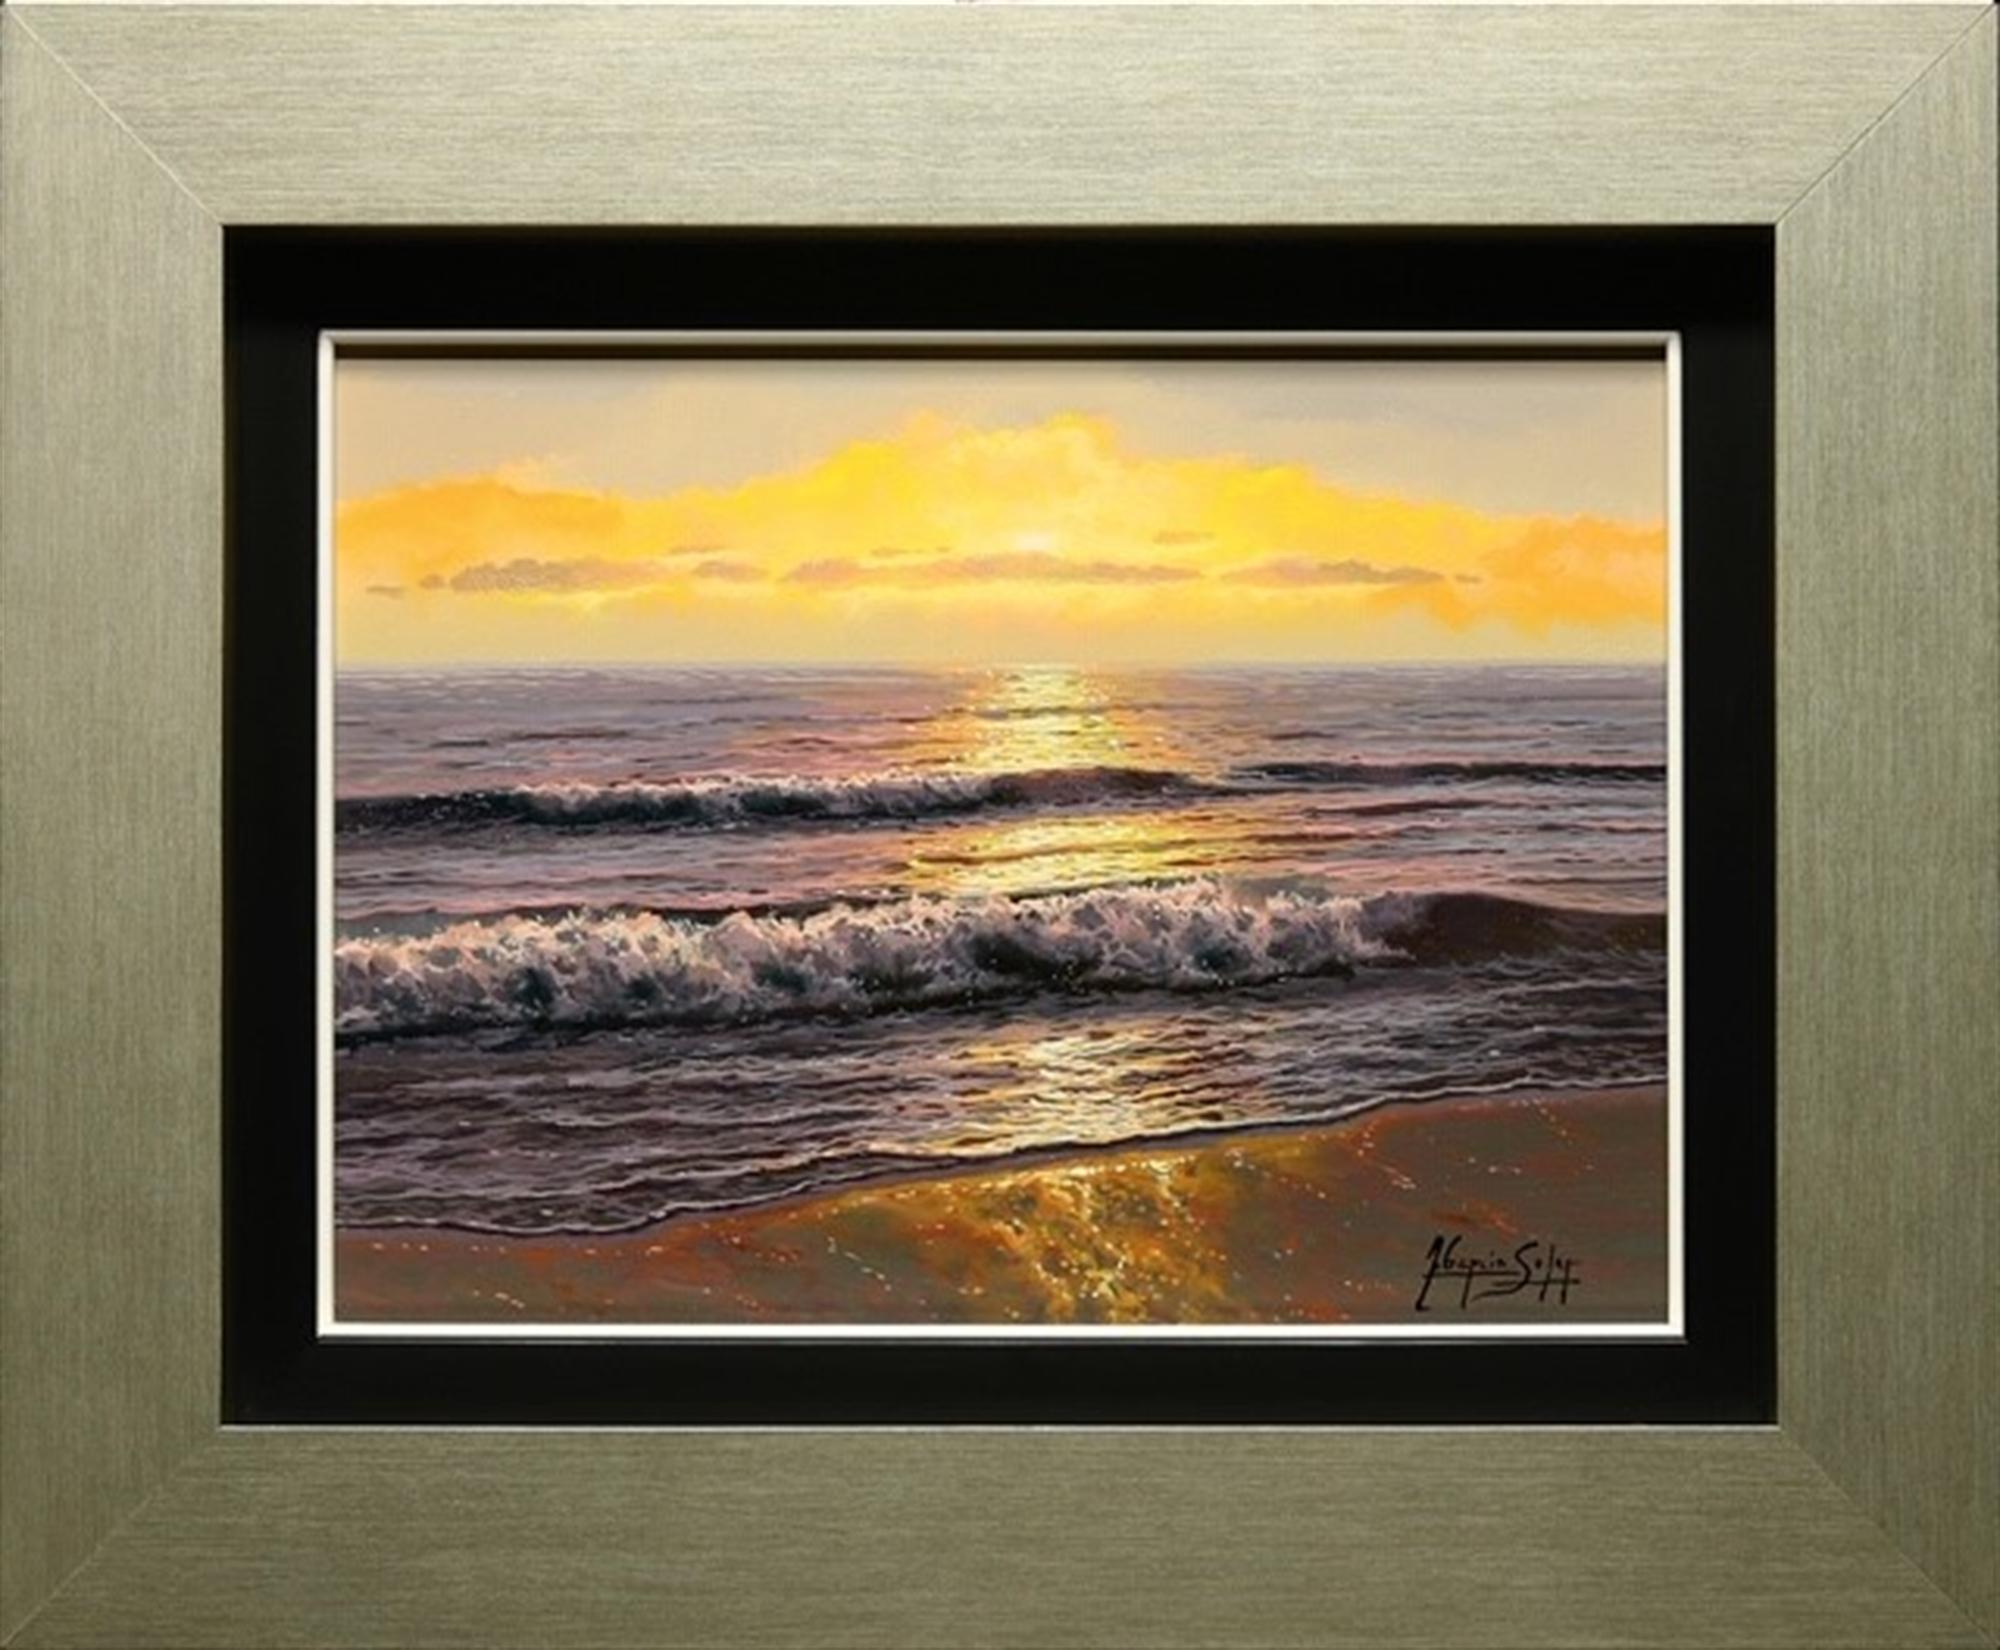 Eastern Shores by Antonio Soler